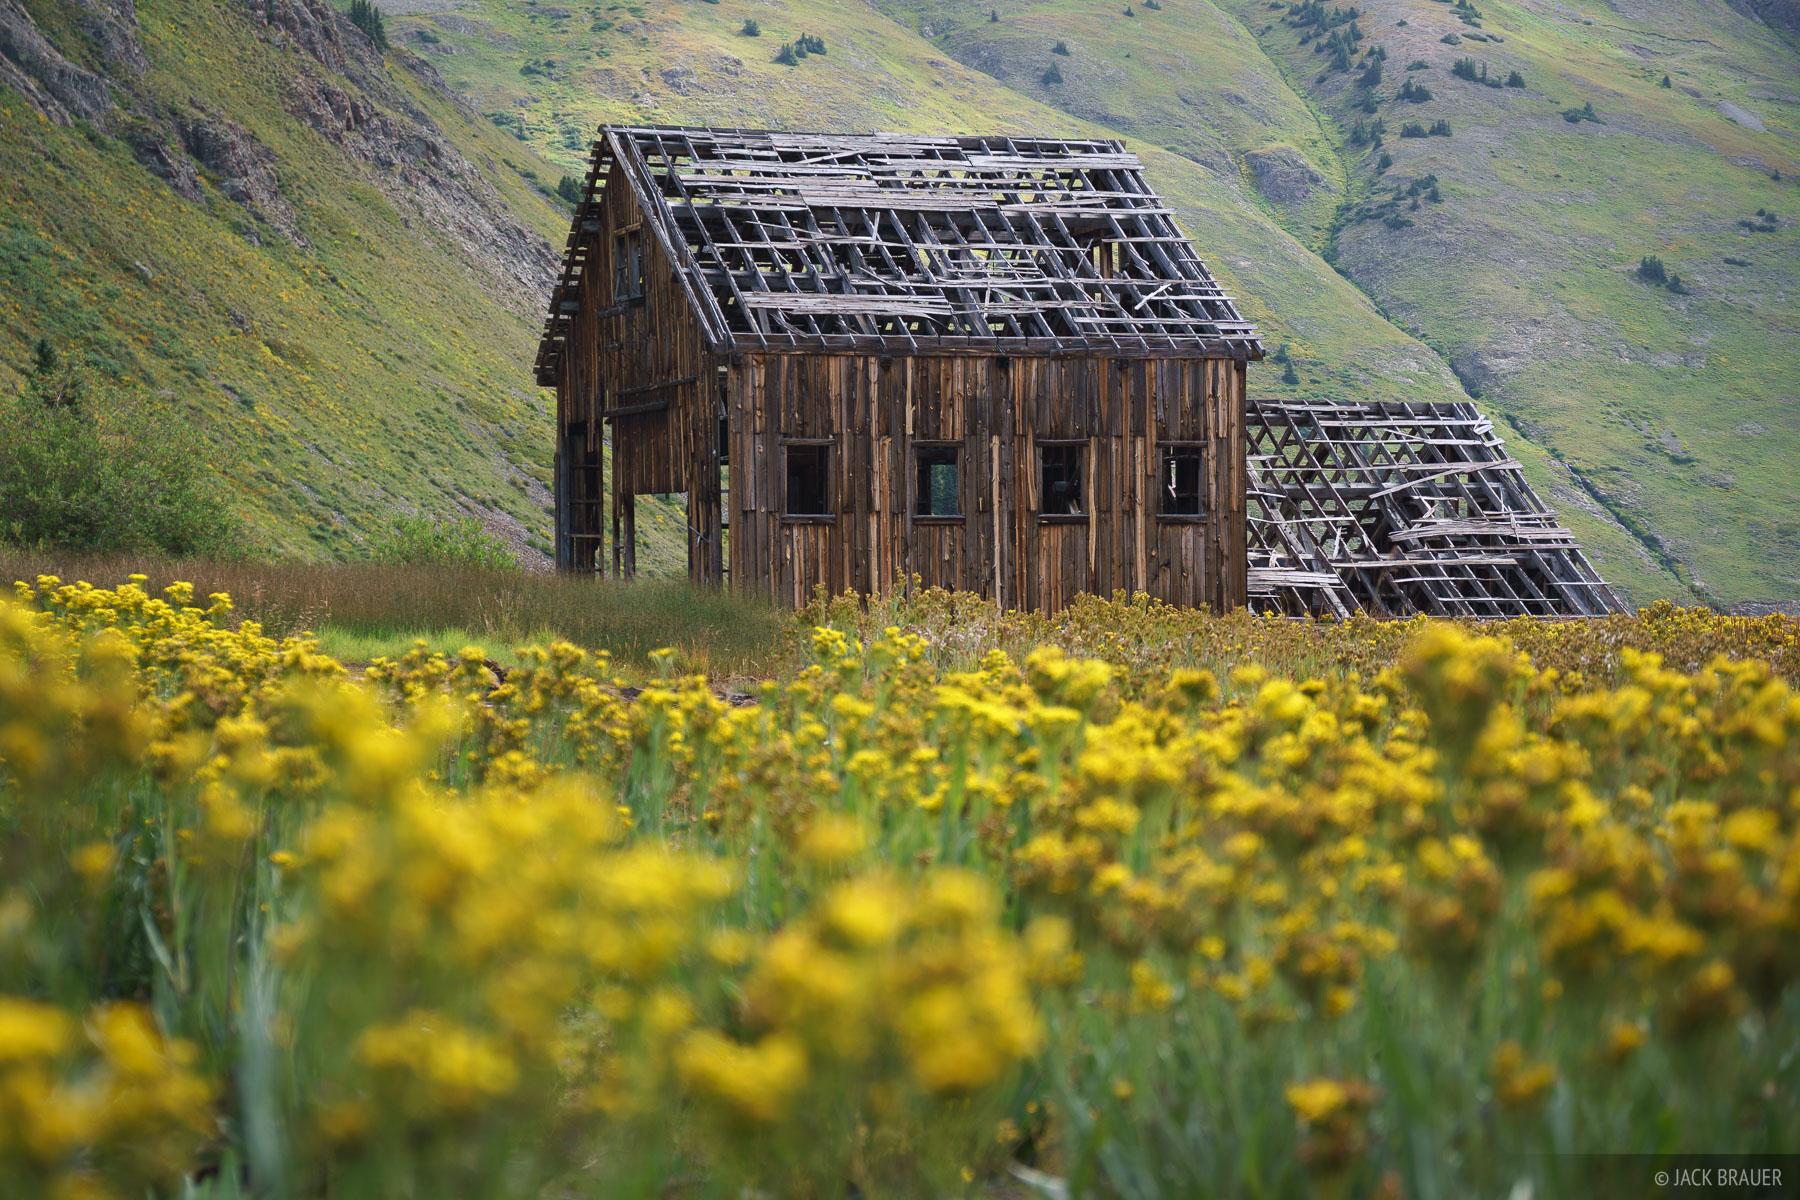 Animas Forks, Colorado, San Juan Mountains, mine, wildflowers, California Gulch, photo